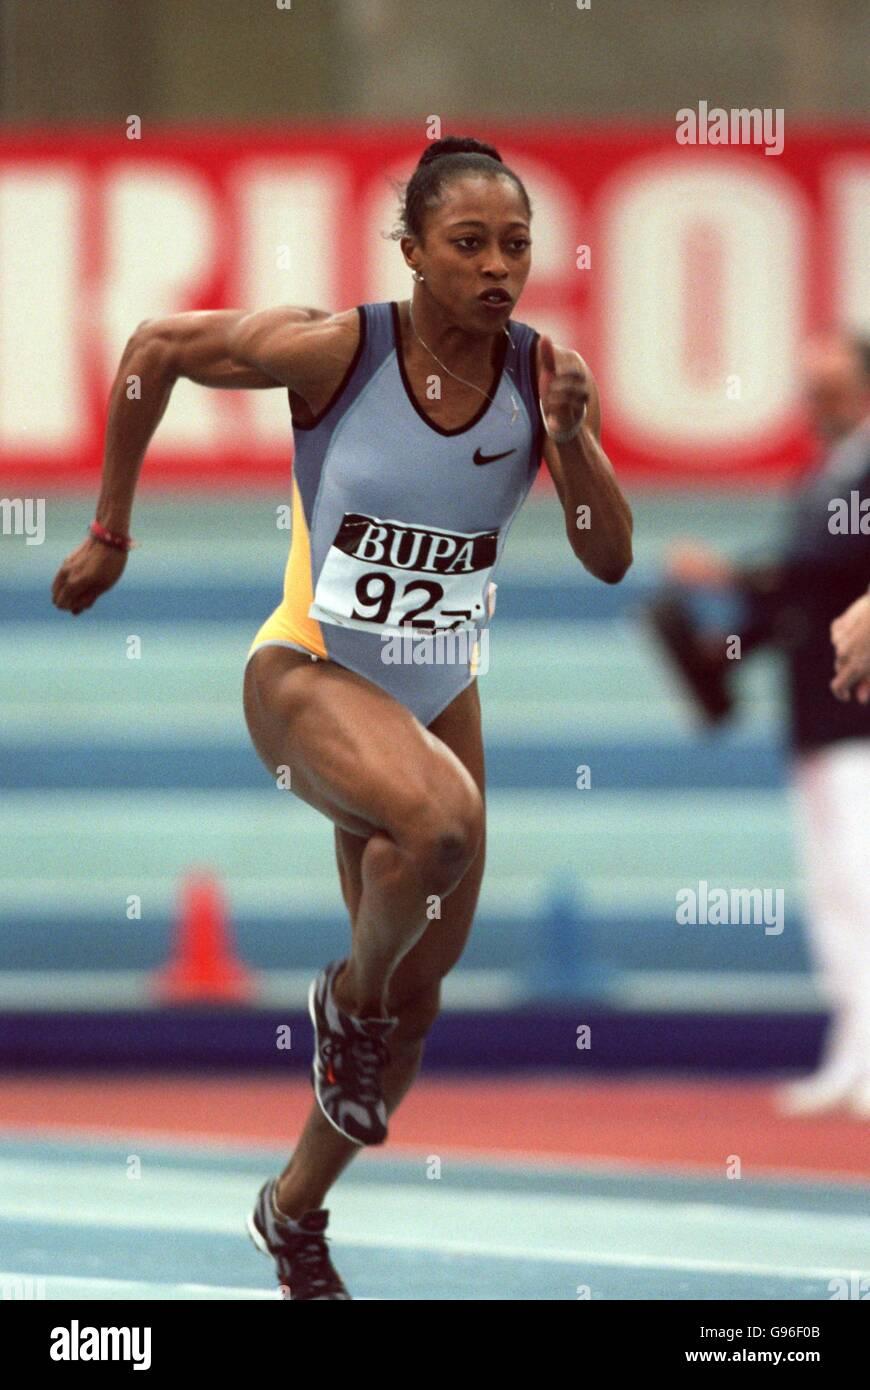 Athletics - BUPA Indoor Grand Prix - Birmingham - Stock Image